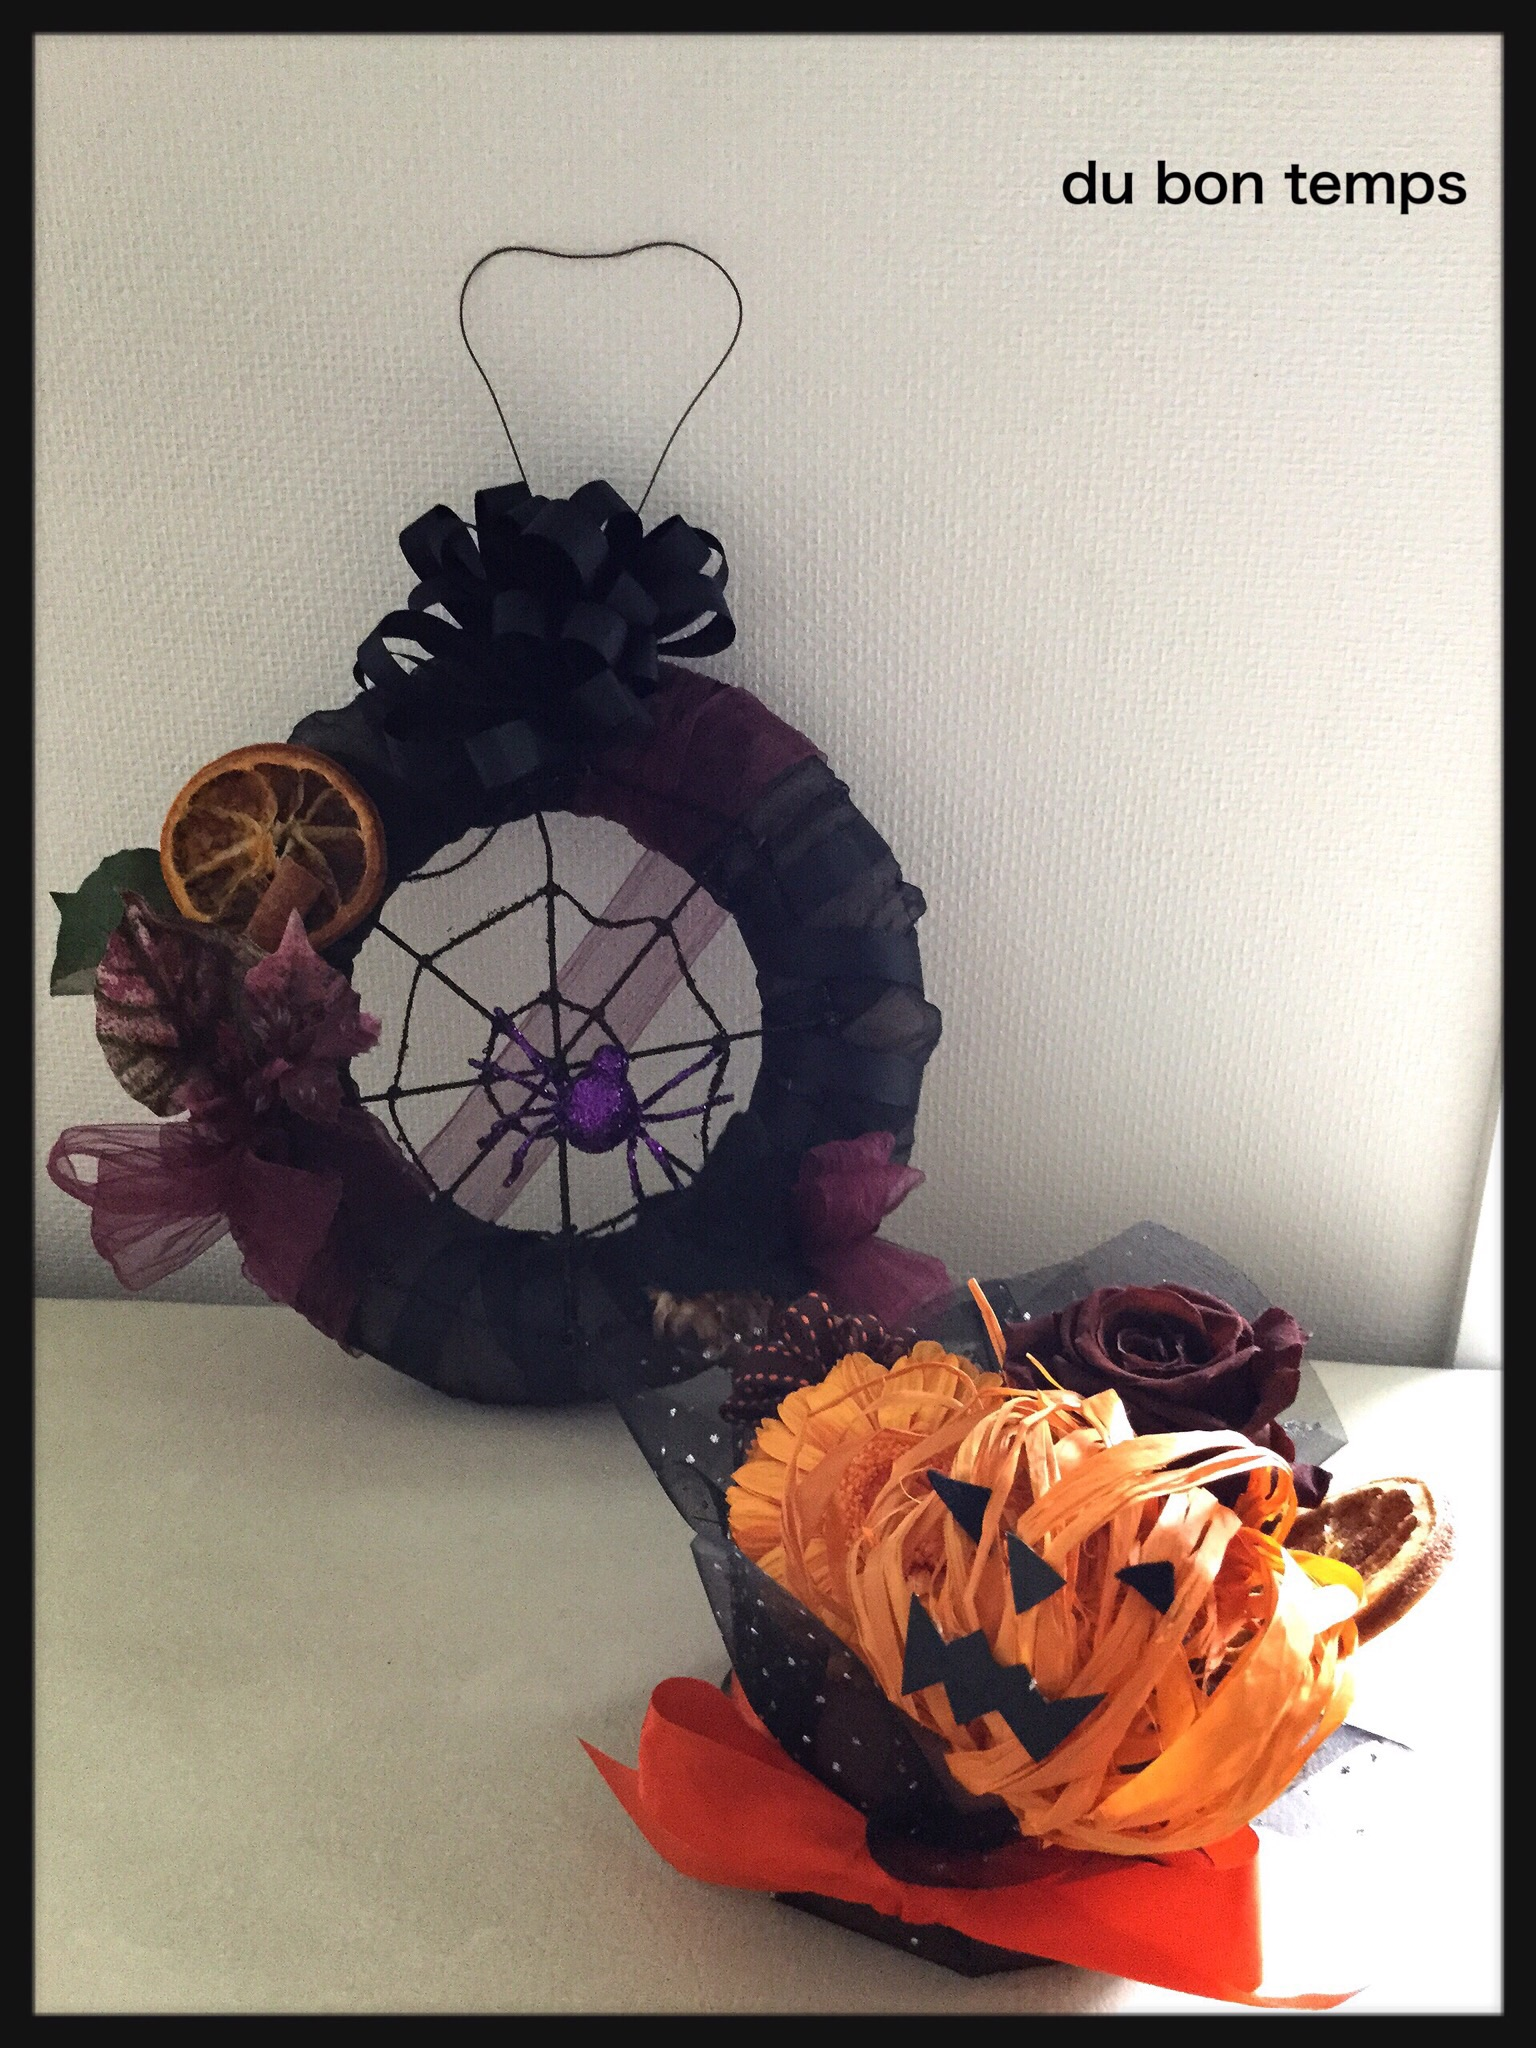 ハロウィン,リース,かぼちゃ,ジャックオランタン,魔女,アーティフィシャルフラワー,花,デュボンタン